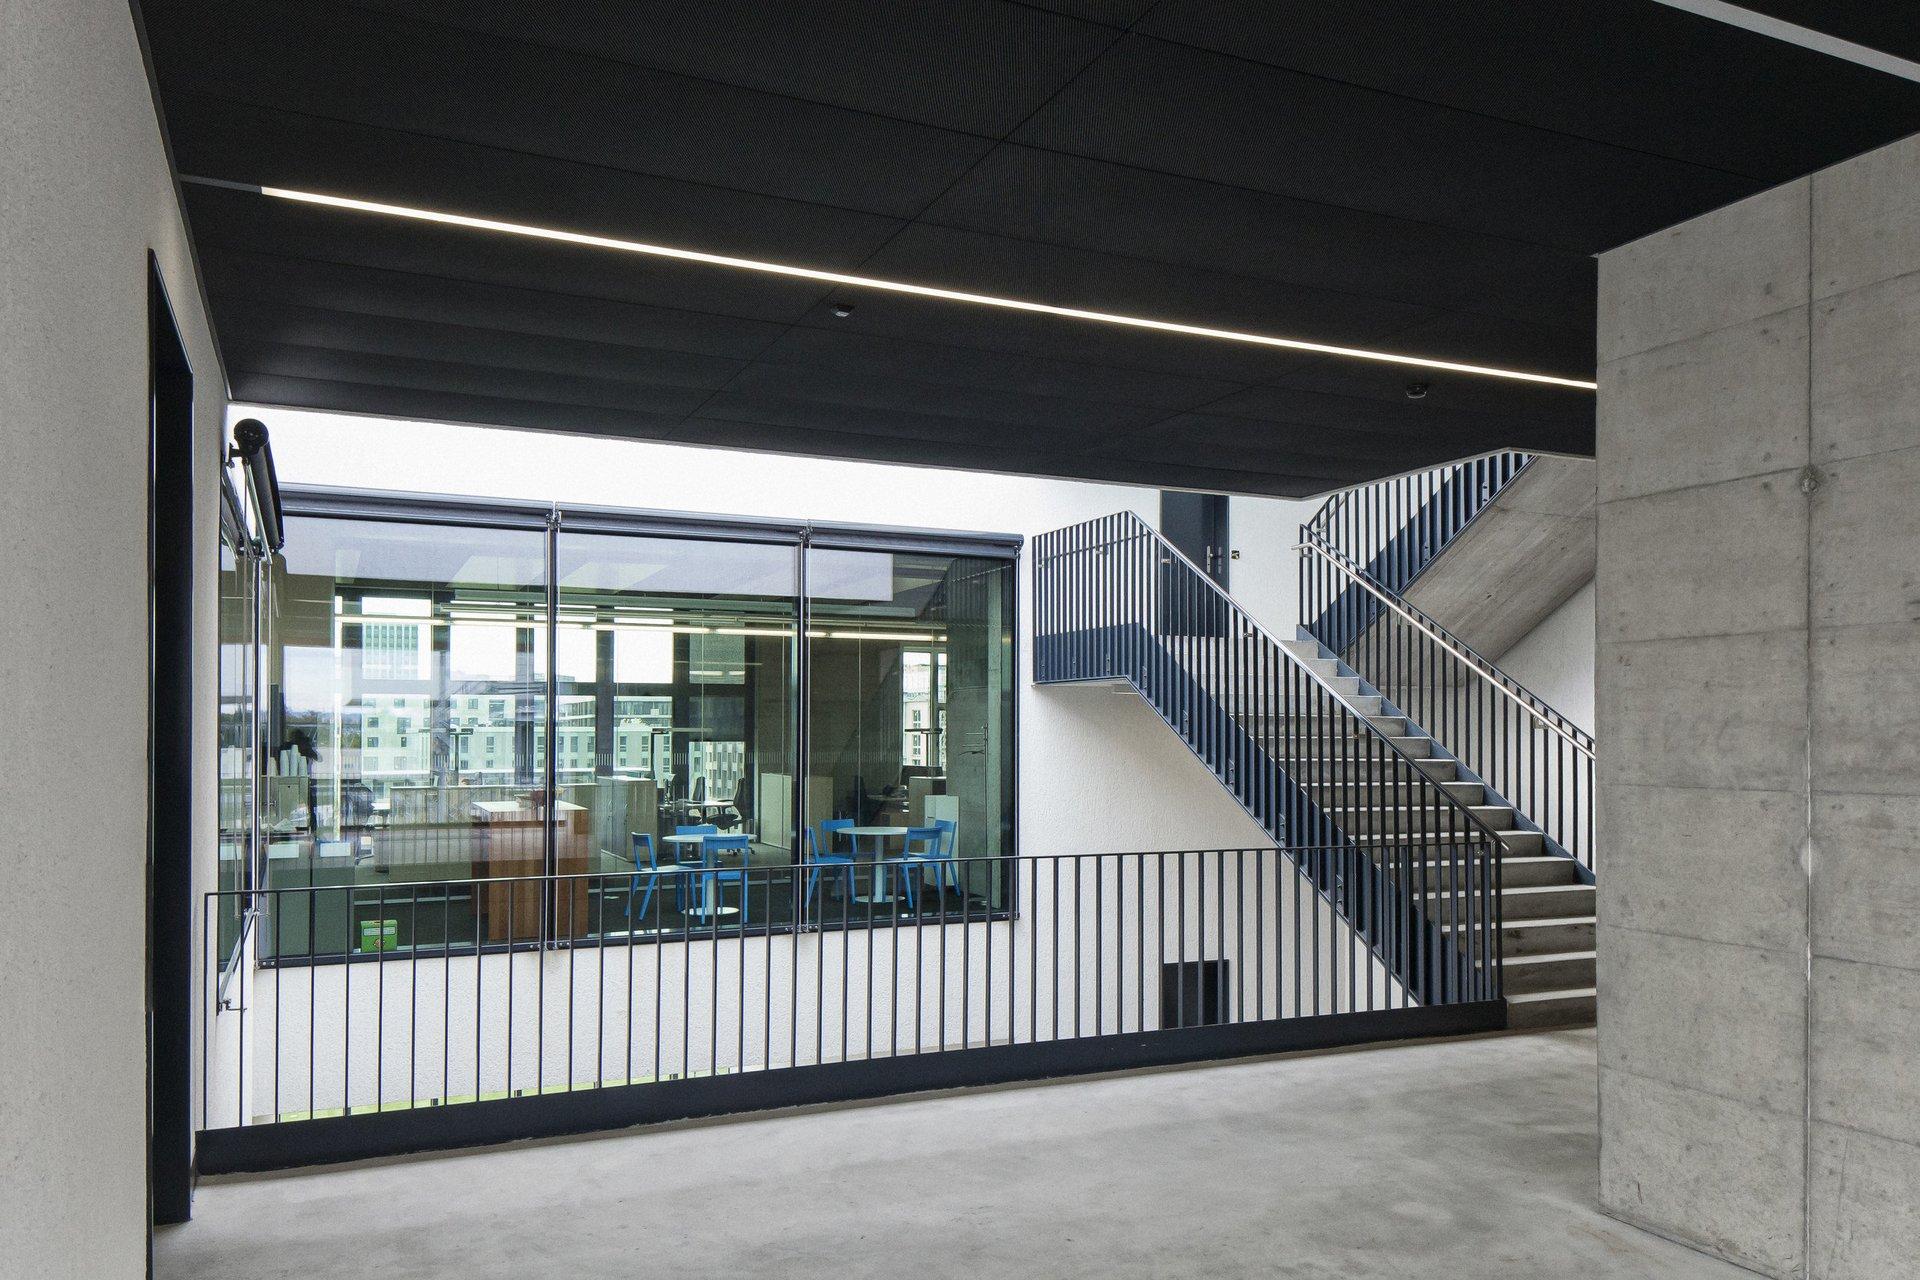 Logistikzentrum von innen mit grosszügig lichtspendenden Fenstern